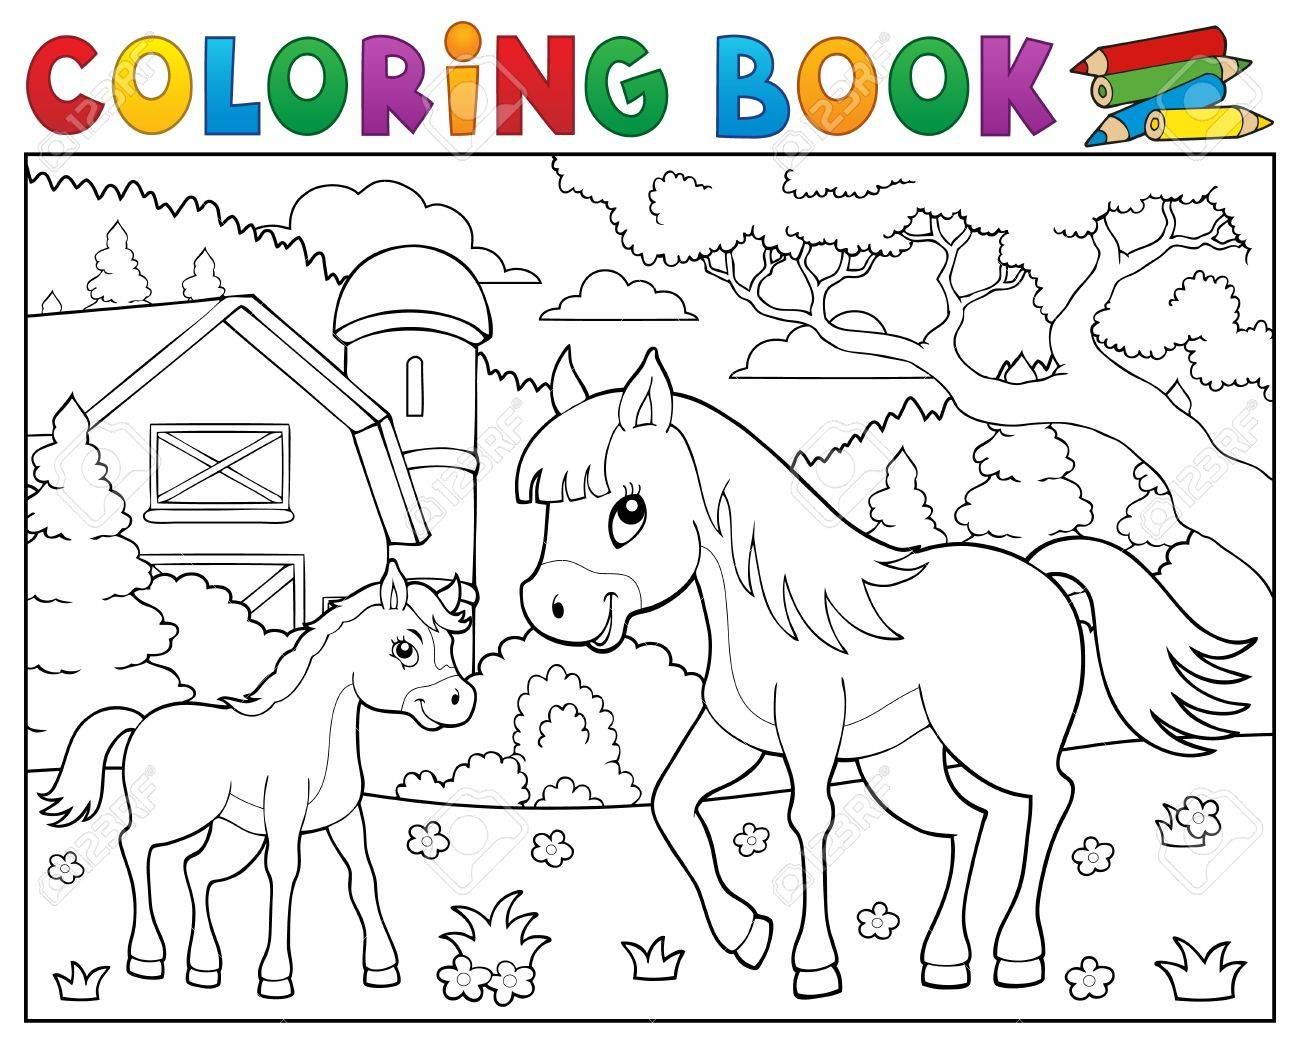 Coloriage Cheval De Livre Avec Le Theme De Poulain 2 Eps10 Illustration Vectorielle Clip Art Libres De Droits Vecteurs Et Illustration Image 52358852